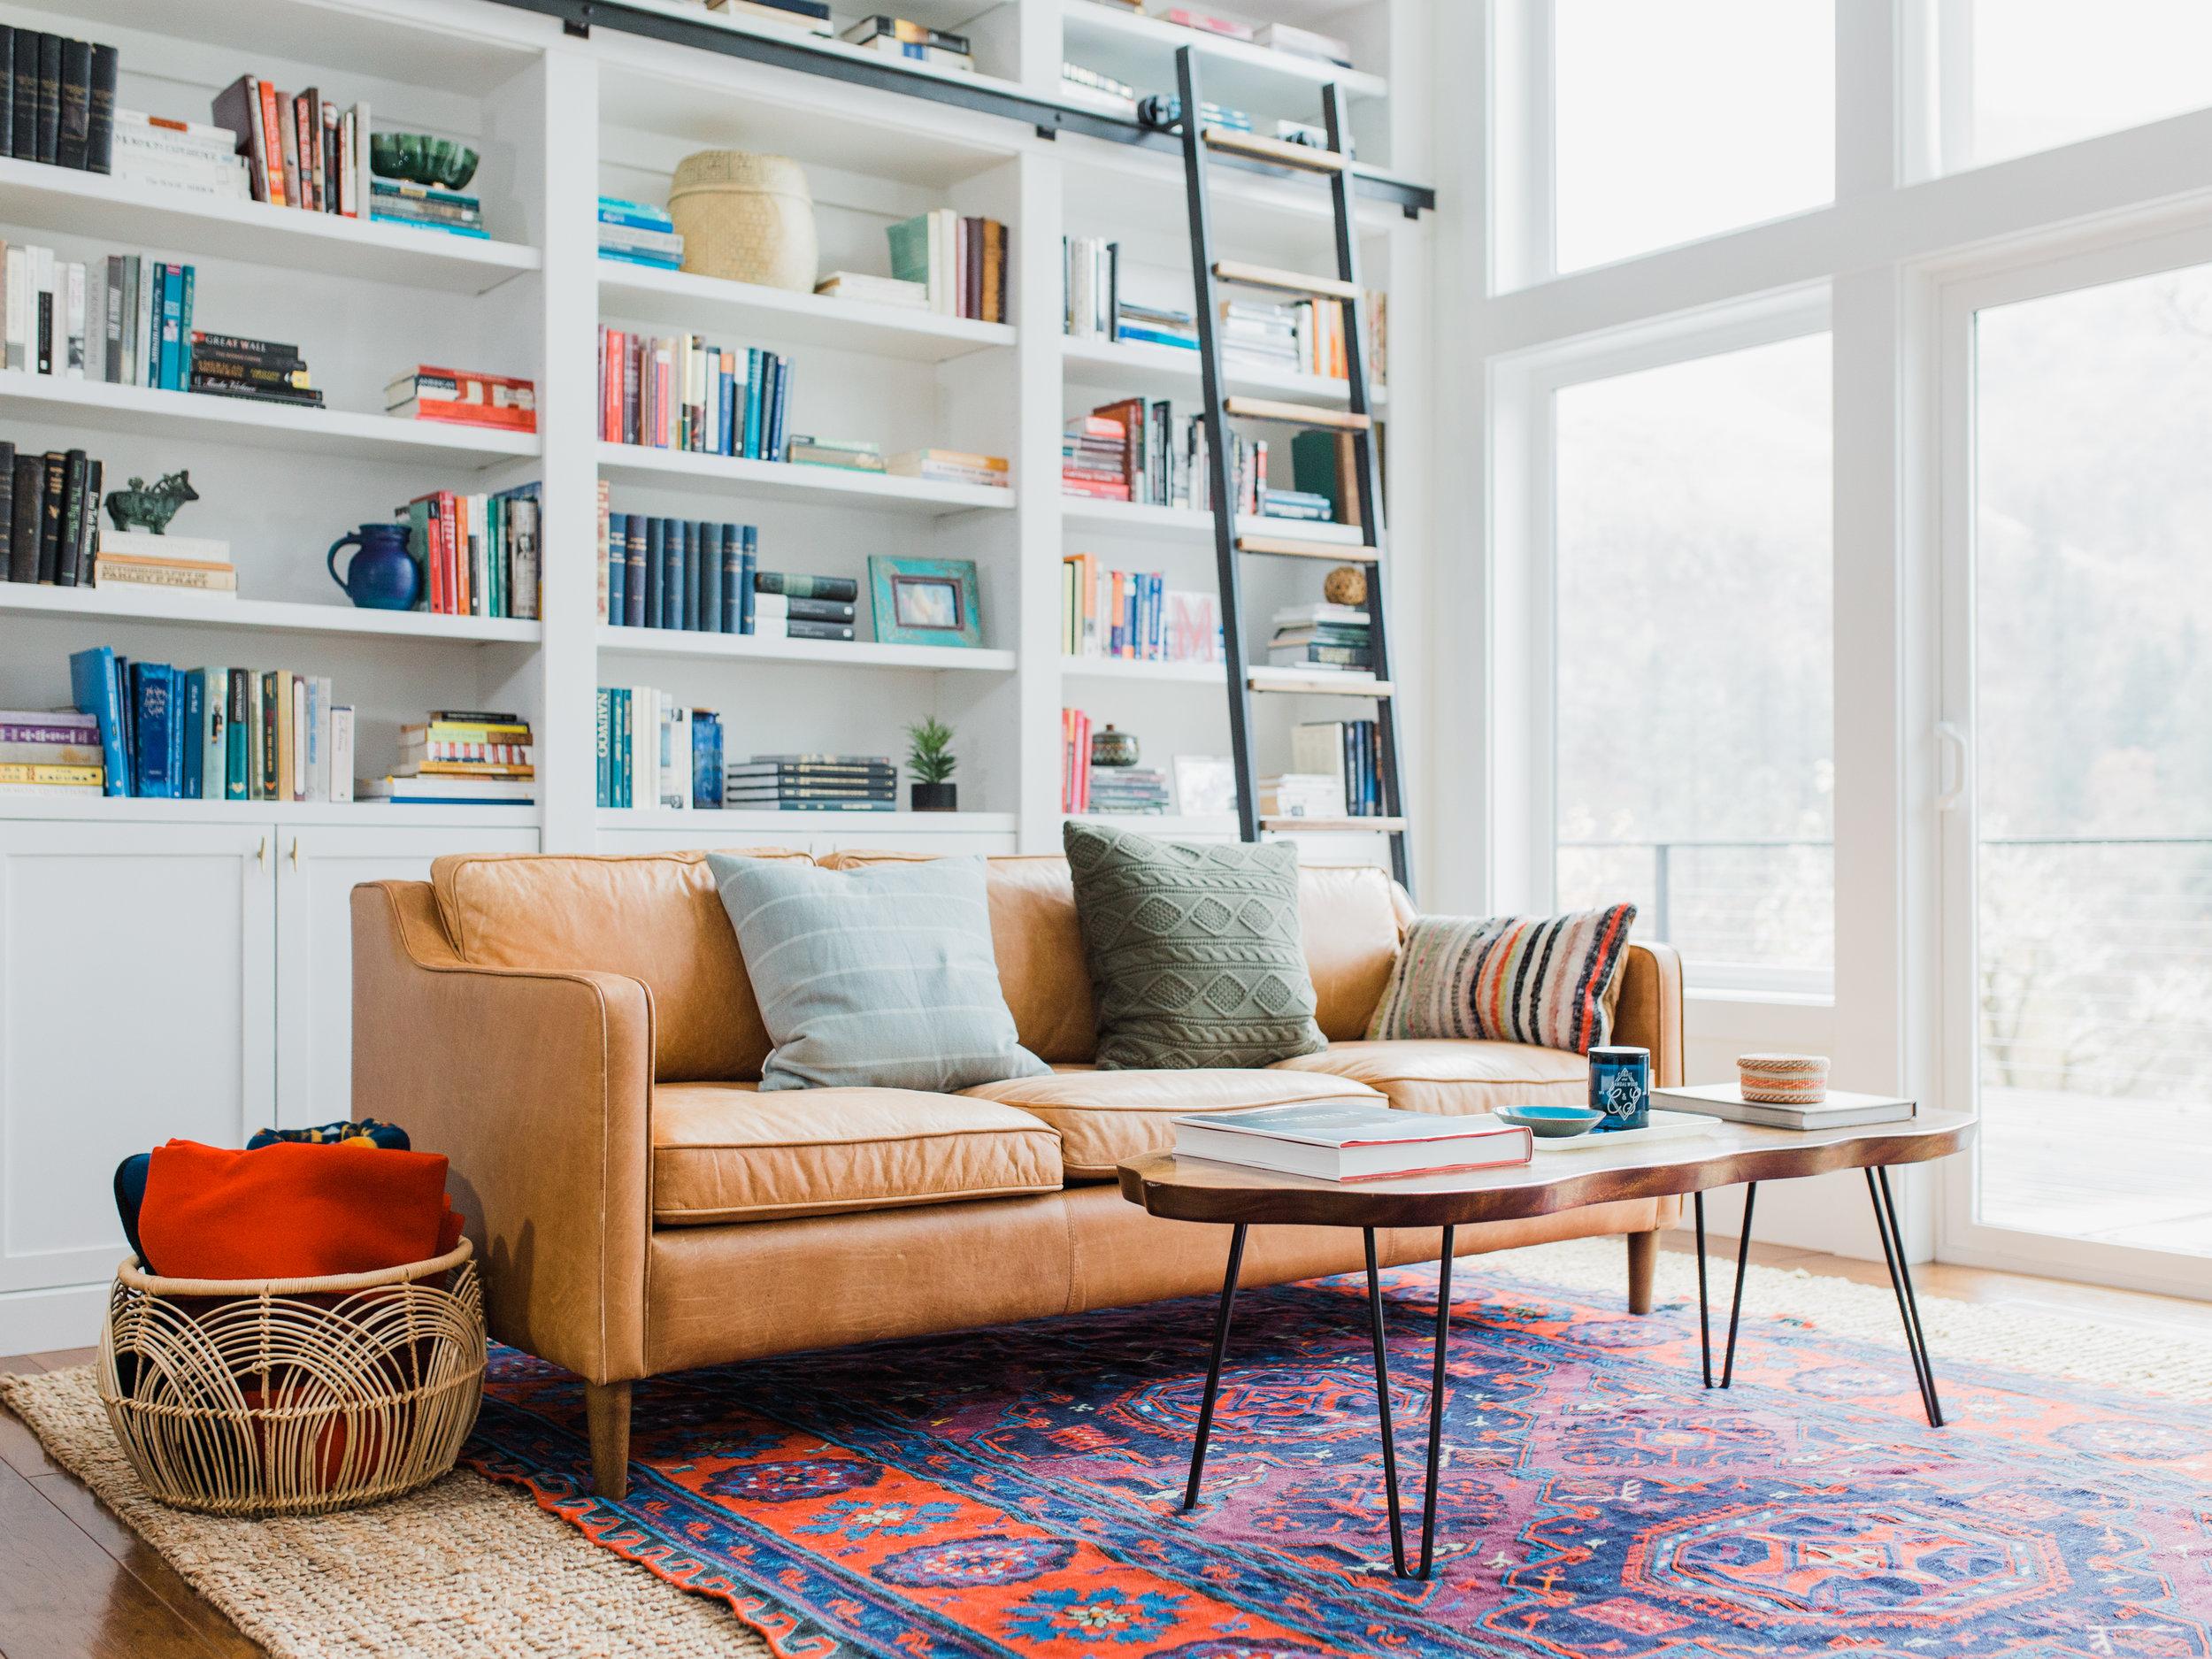 sustain-interiors-november-4.jpg